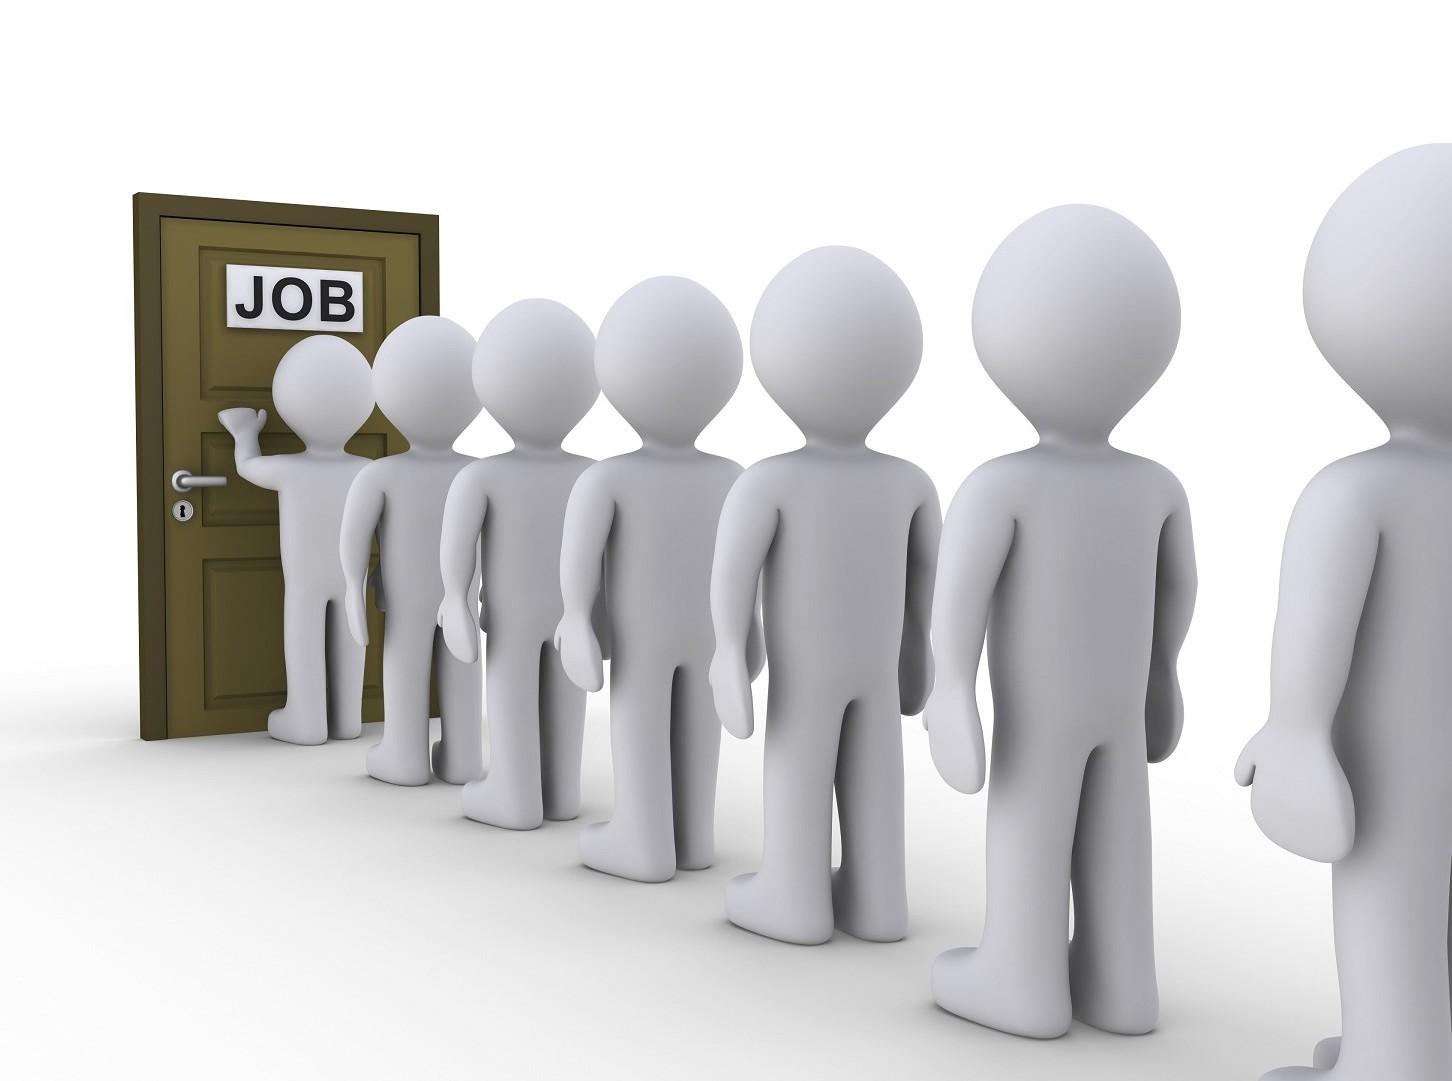 Offerte di lavoro in come per segretaria a Roma - Trovit